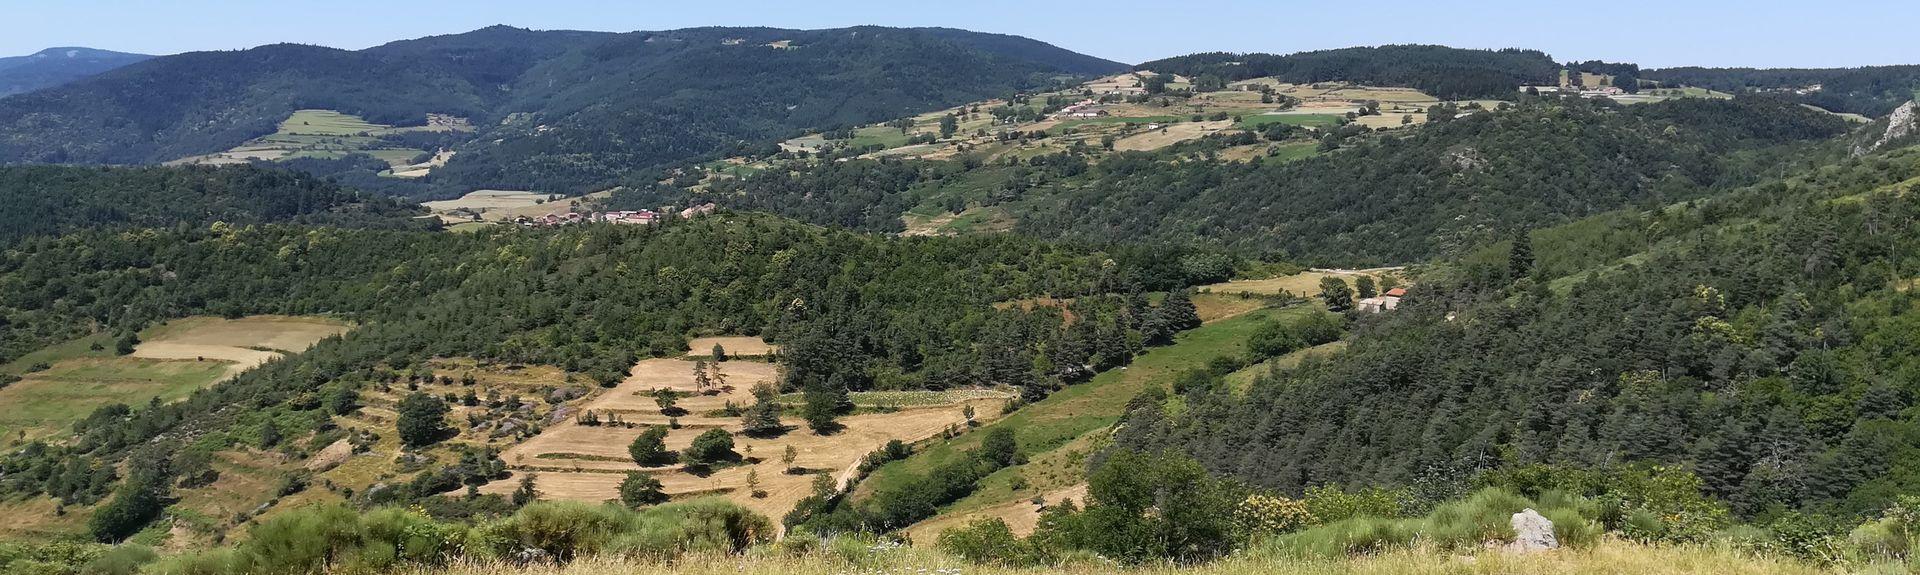 Vernosc-lès-Annonay, Ardèche (departement), Frankrijk